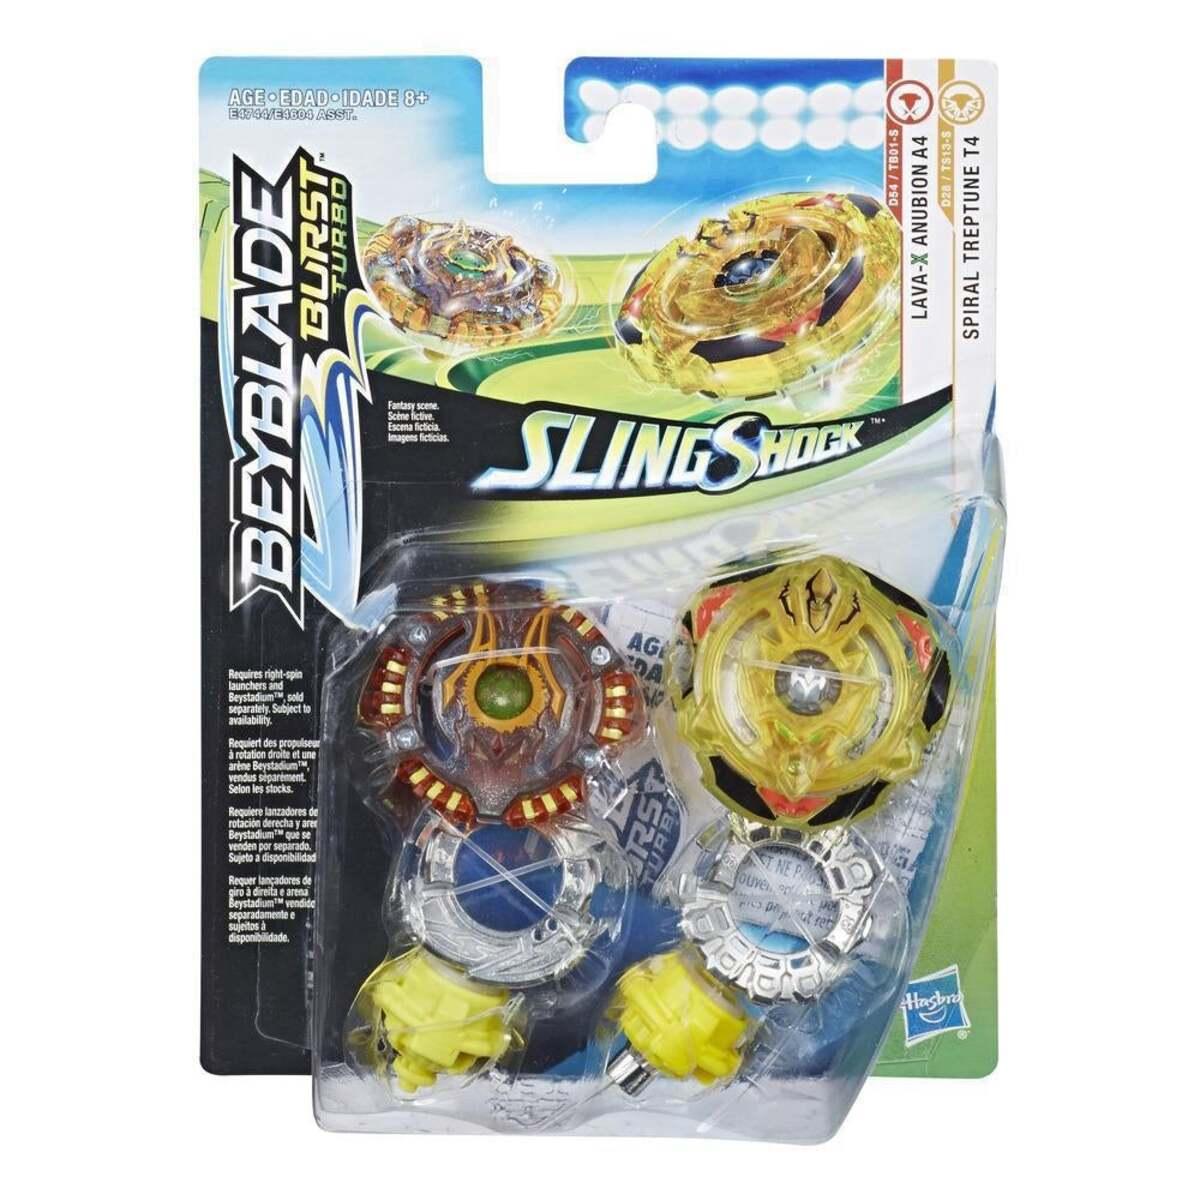 Bild 1 von Hasbro Beyblade Burst Turbo Slingshock